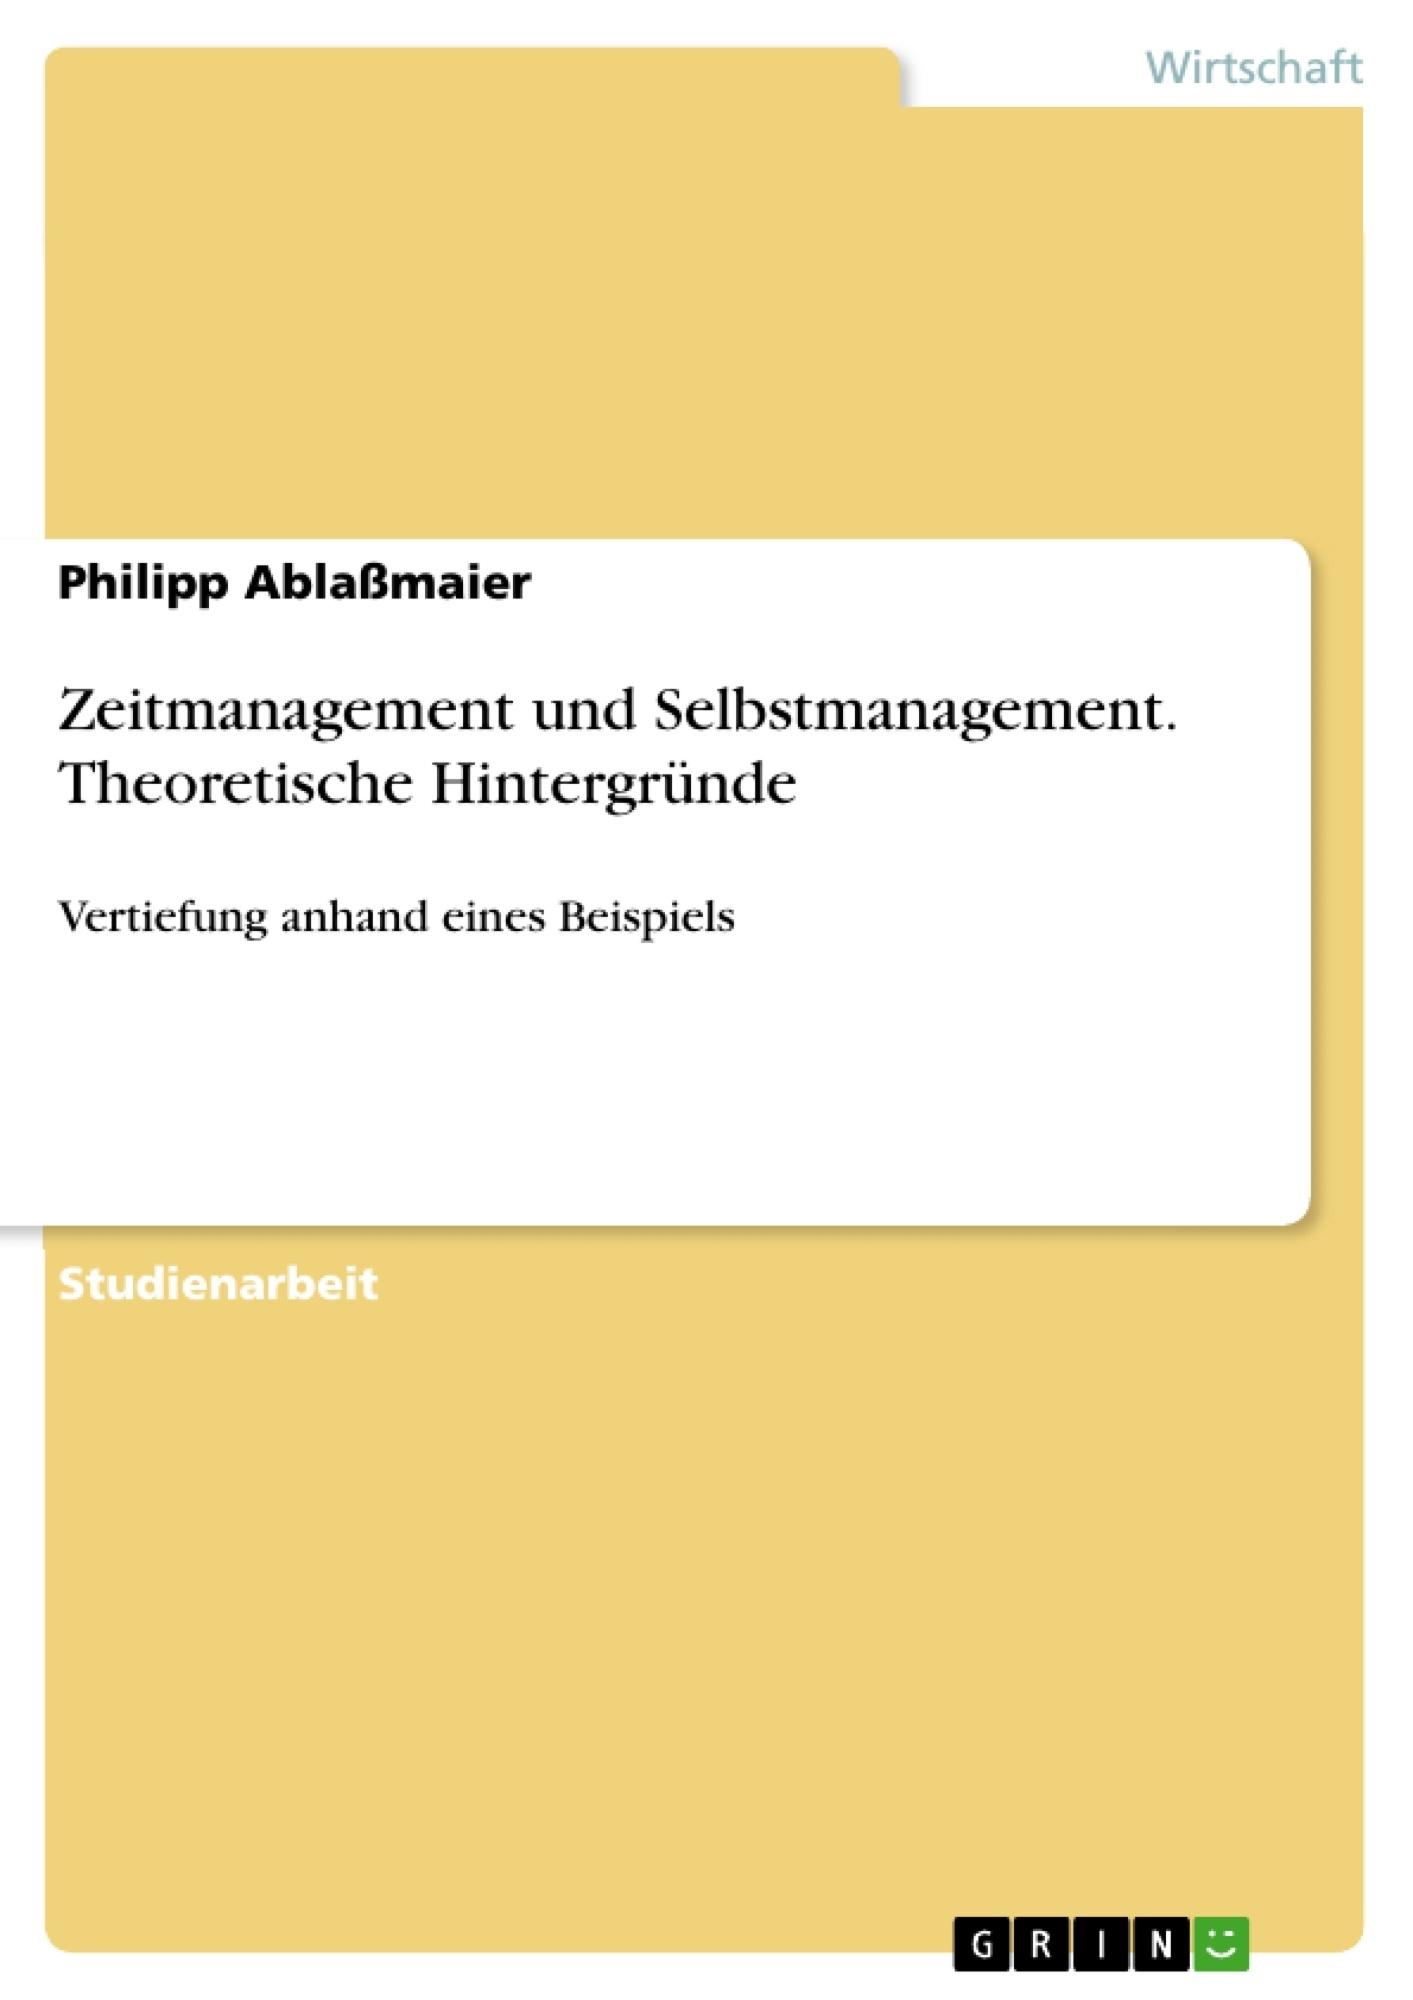 Titel: Zeitmanagement und Selbstmanagement. Theoretische Hintergründe